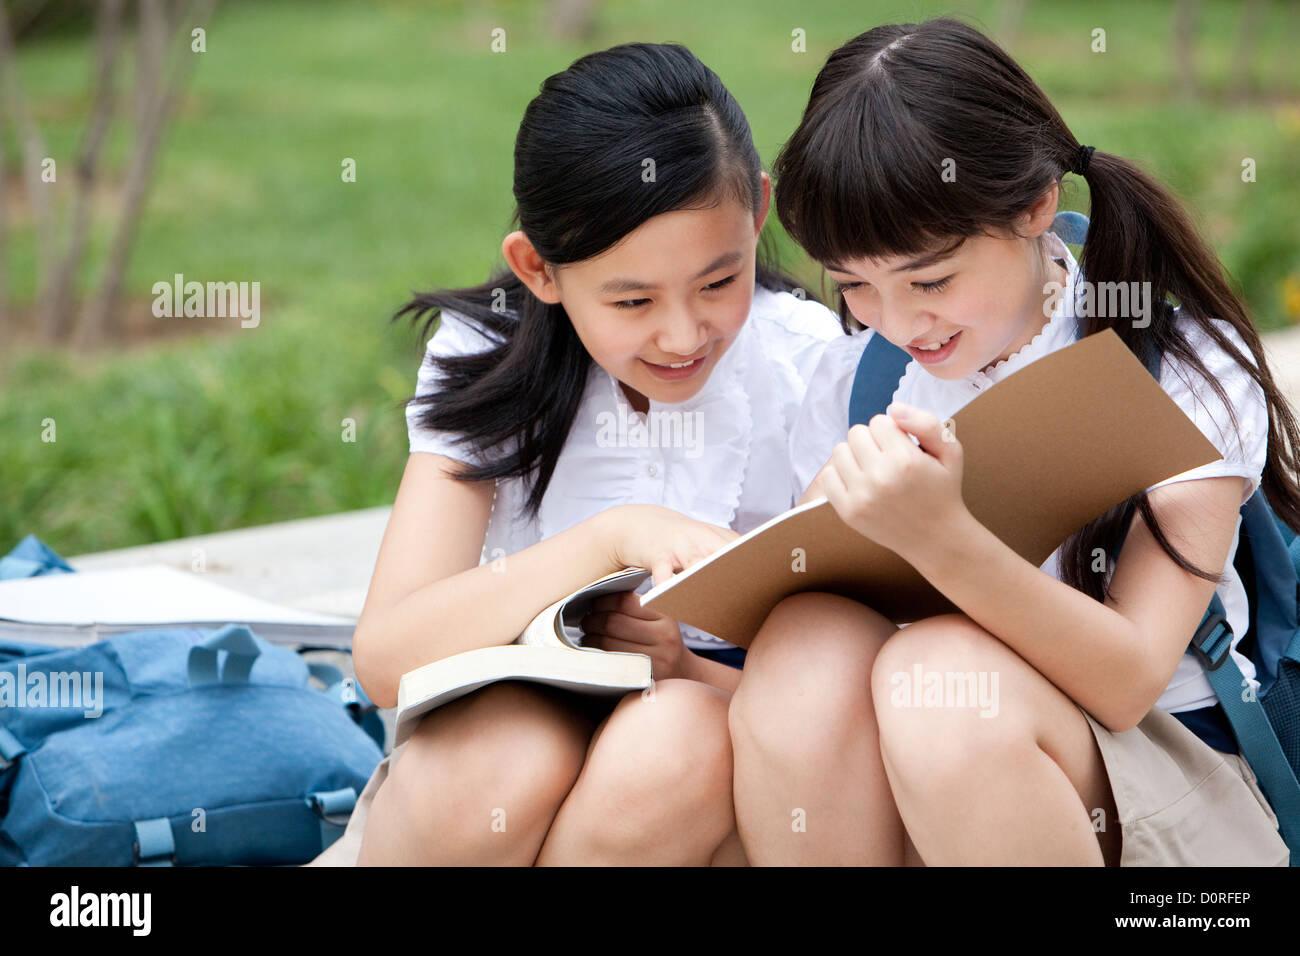 8b964766c Chinese Girls Schoolgirls Reading Imágenes De Stock & Chinese Girls ...